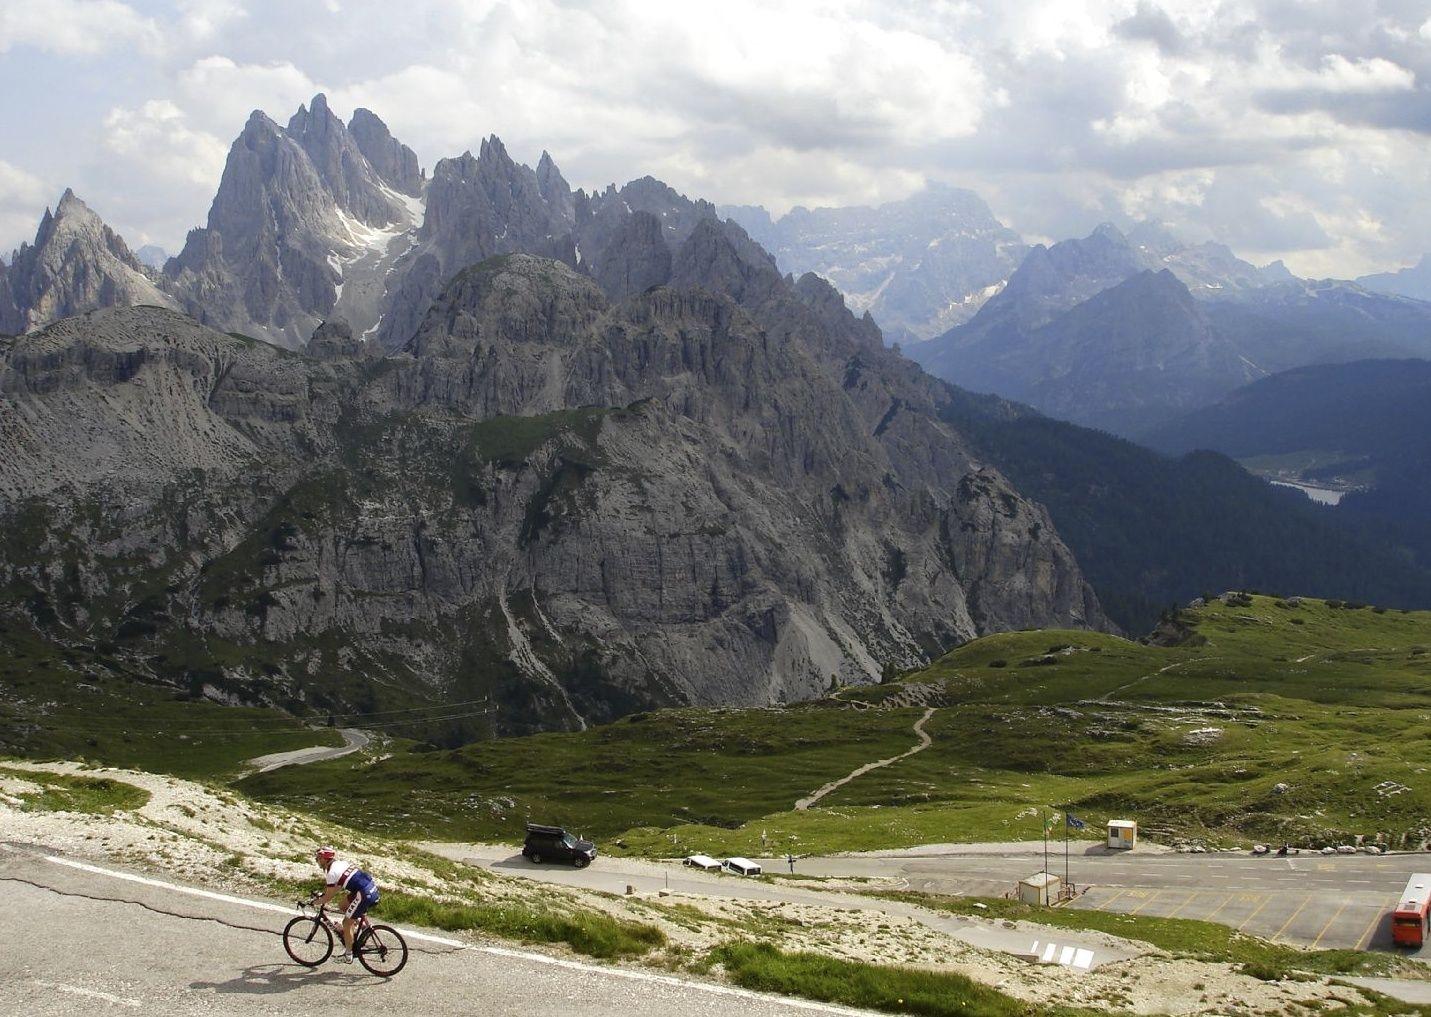 italiandolomites9.jpg - Italy - Italian Dolomites - Guided Road Cycling Holiday - Road Cycling